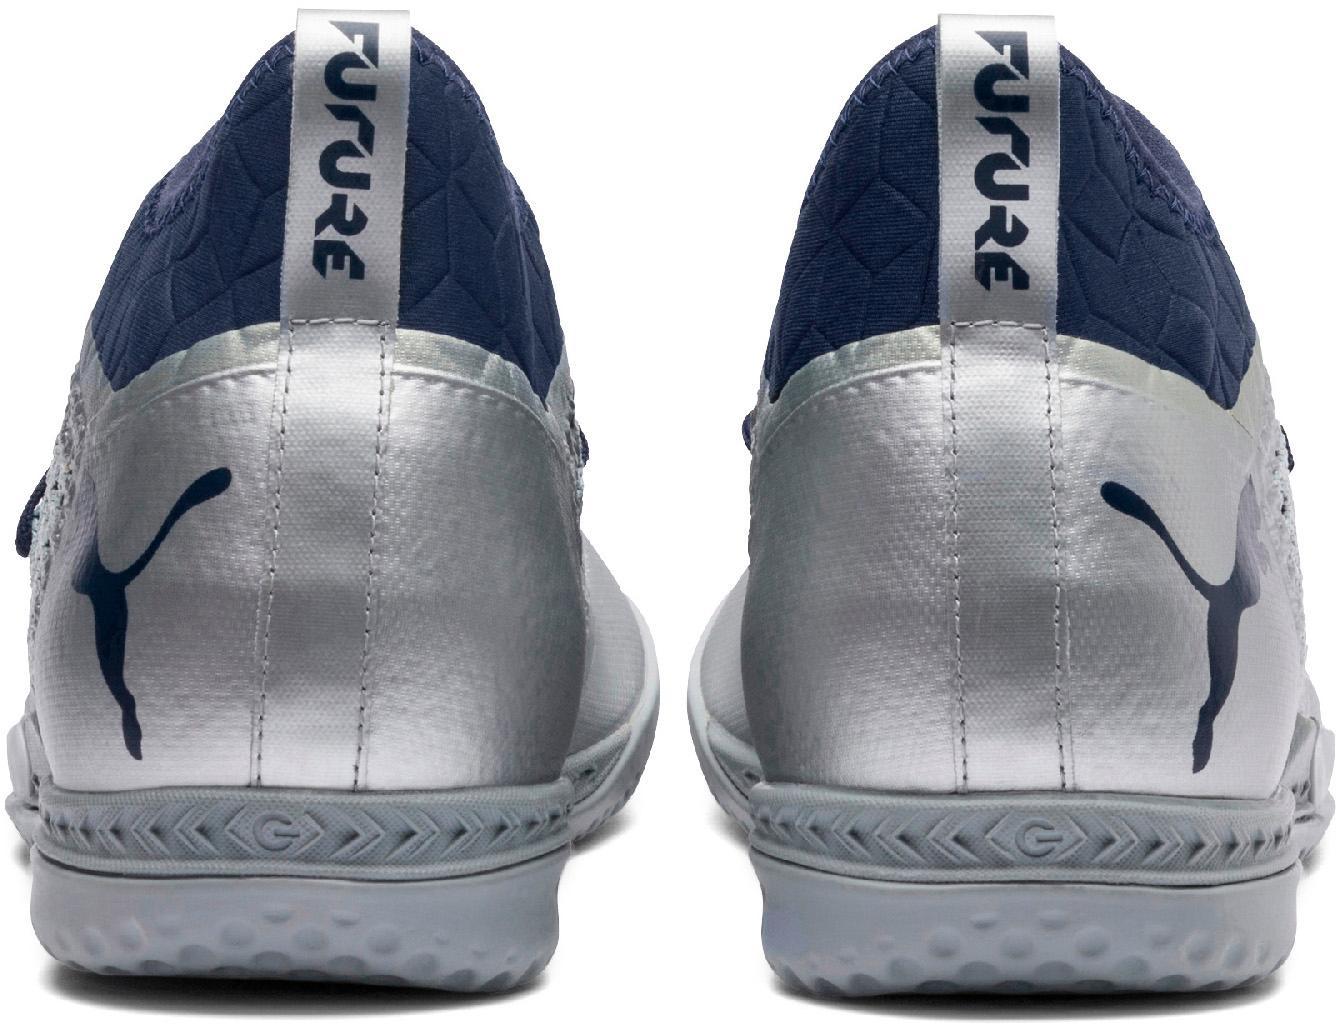 PUMA FUTURE 2.3 NETFIT IT Fußballschuhe puma Silber-peacoat SportScheck im Online Shop von SportScheck Silber-peacoat kaufen Gute Qualität beliebte Schuhe 4eb007